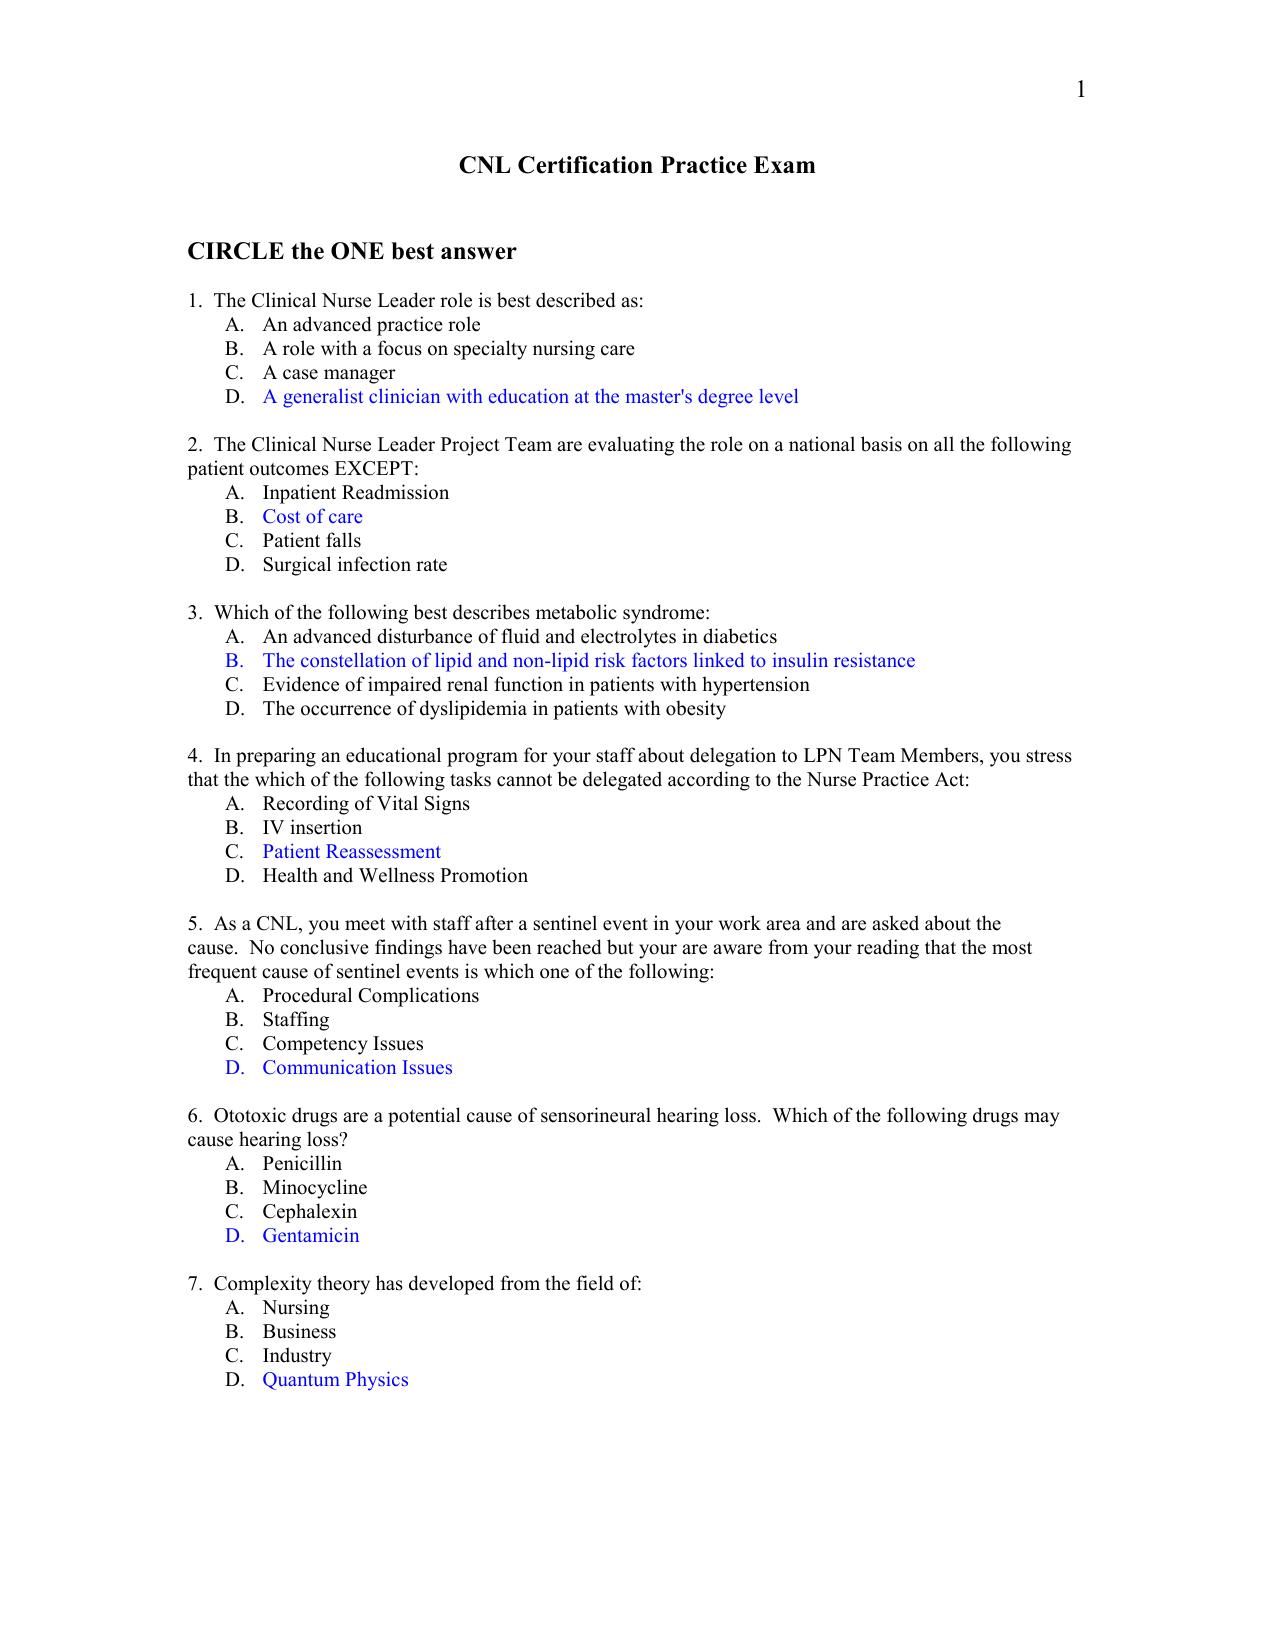 Physics 2 Practice Exam